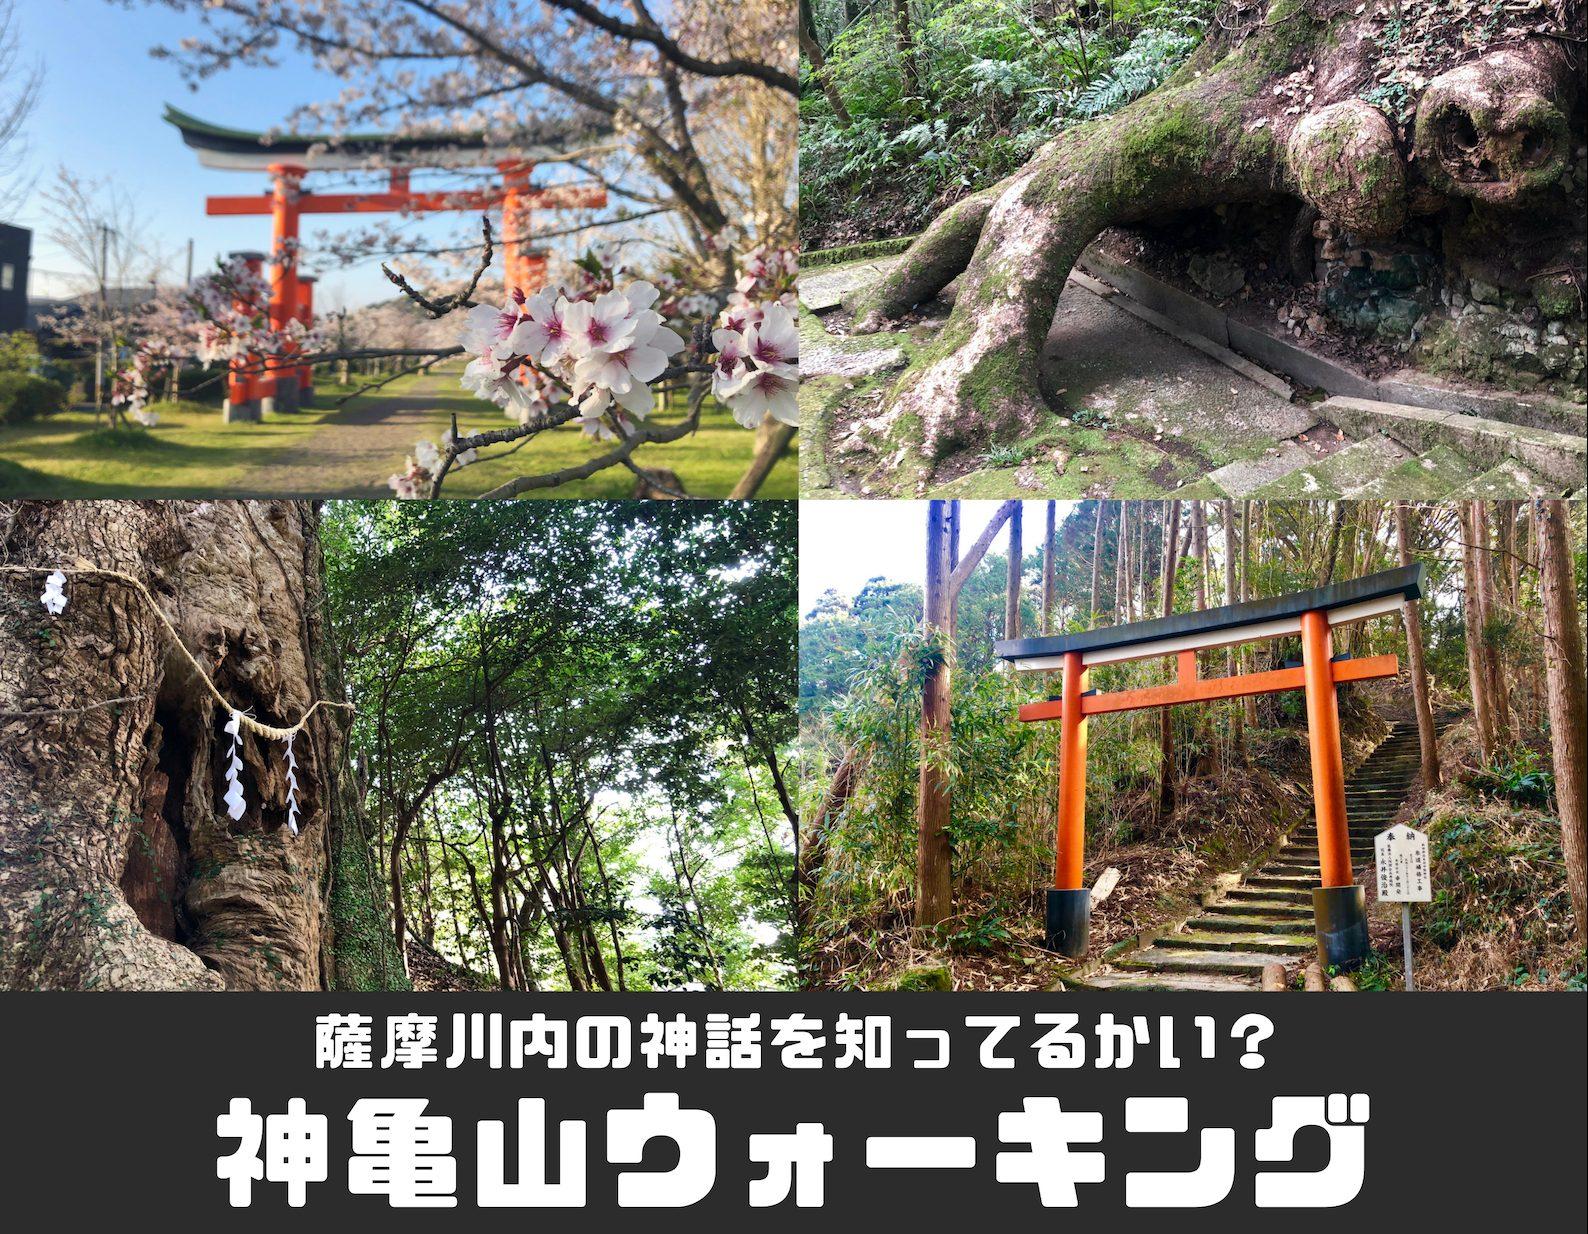 薩摩川内の神話を知ってるかい?神亀山ウォーキング